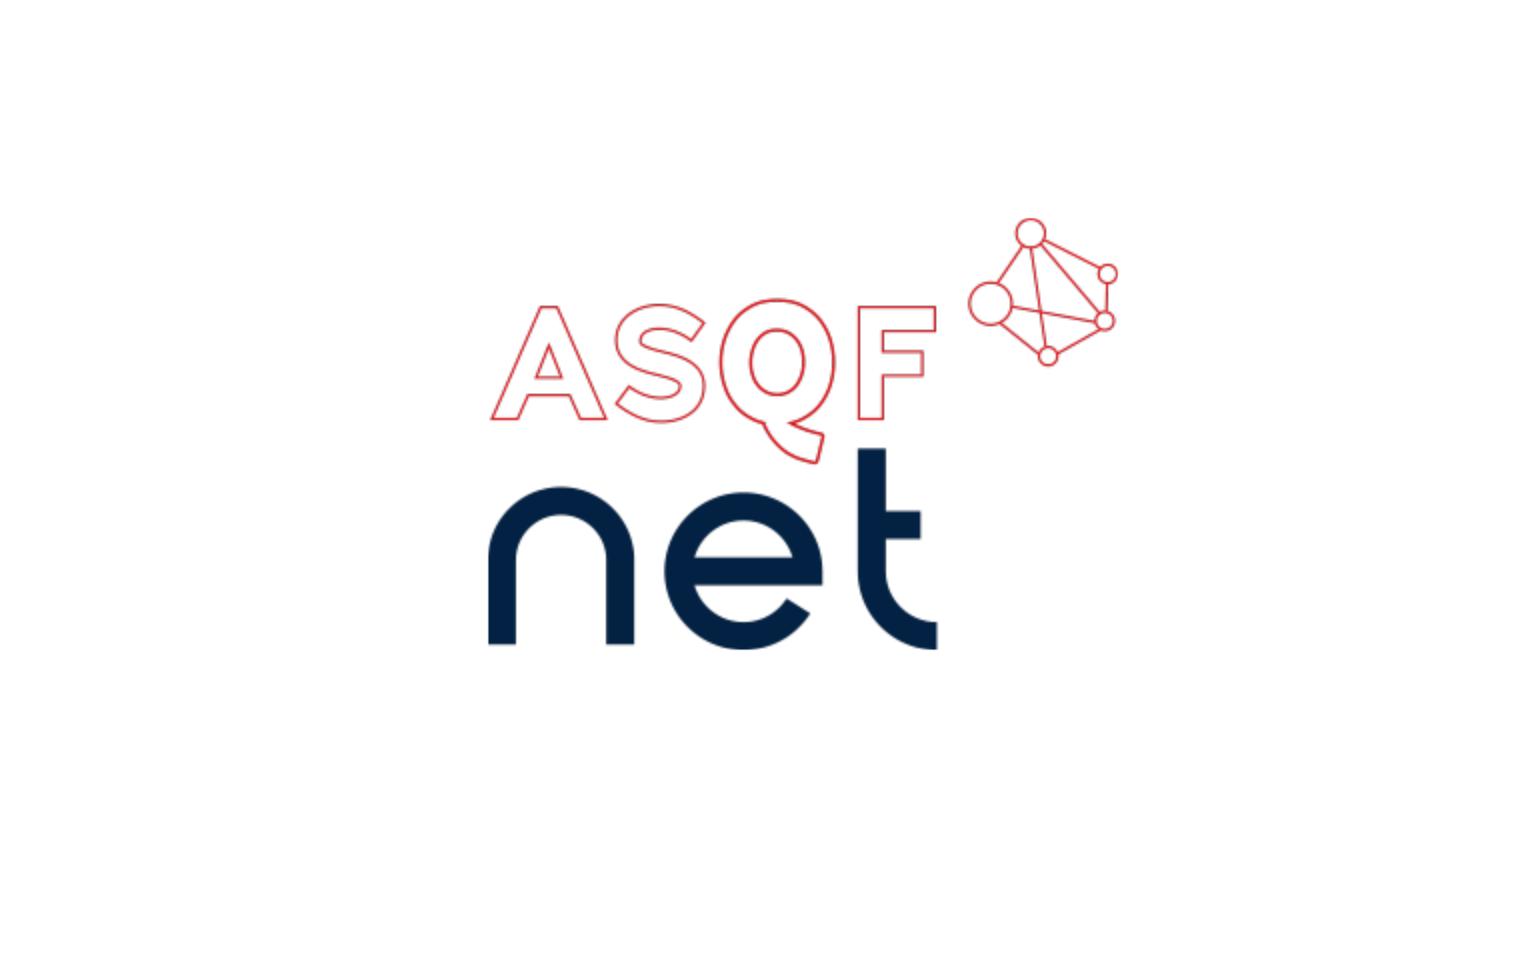 Mitglied des Monats beim Branchenverband ASQF